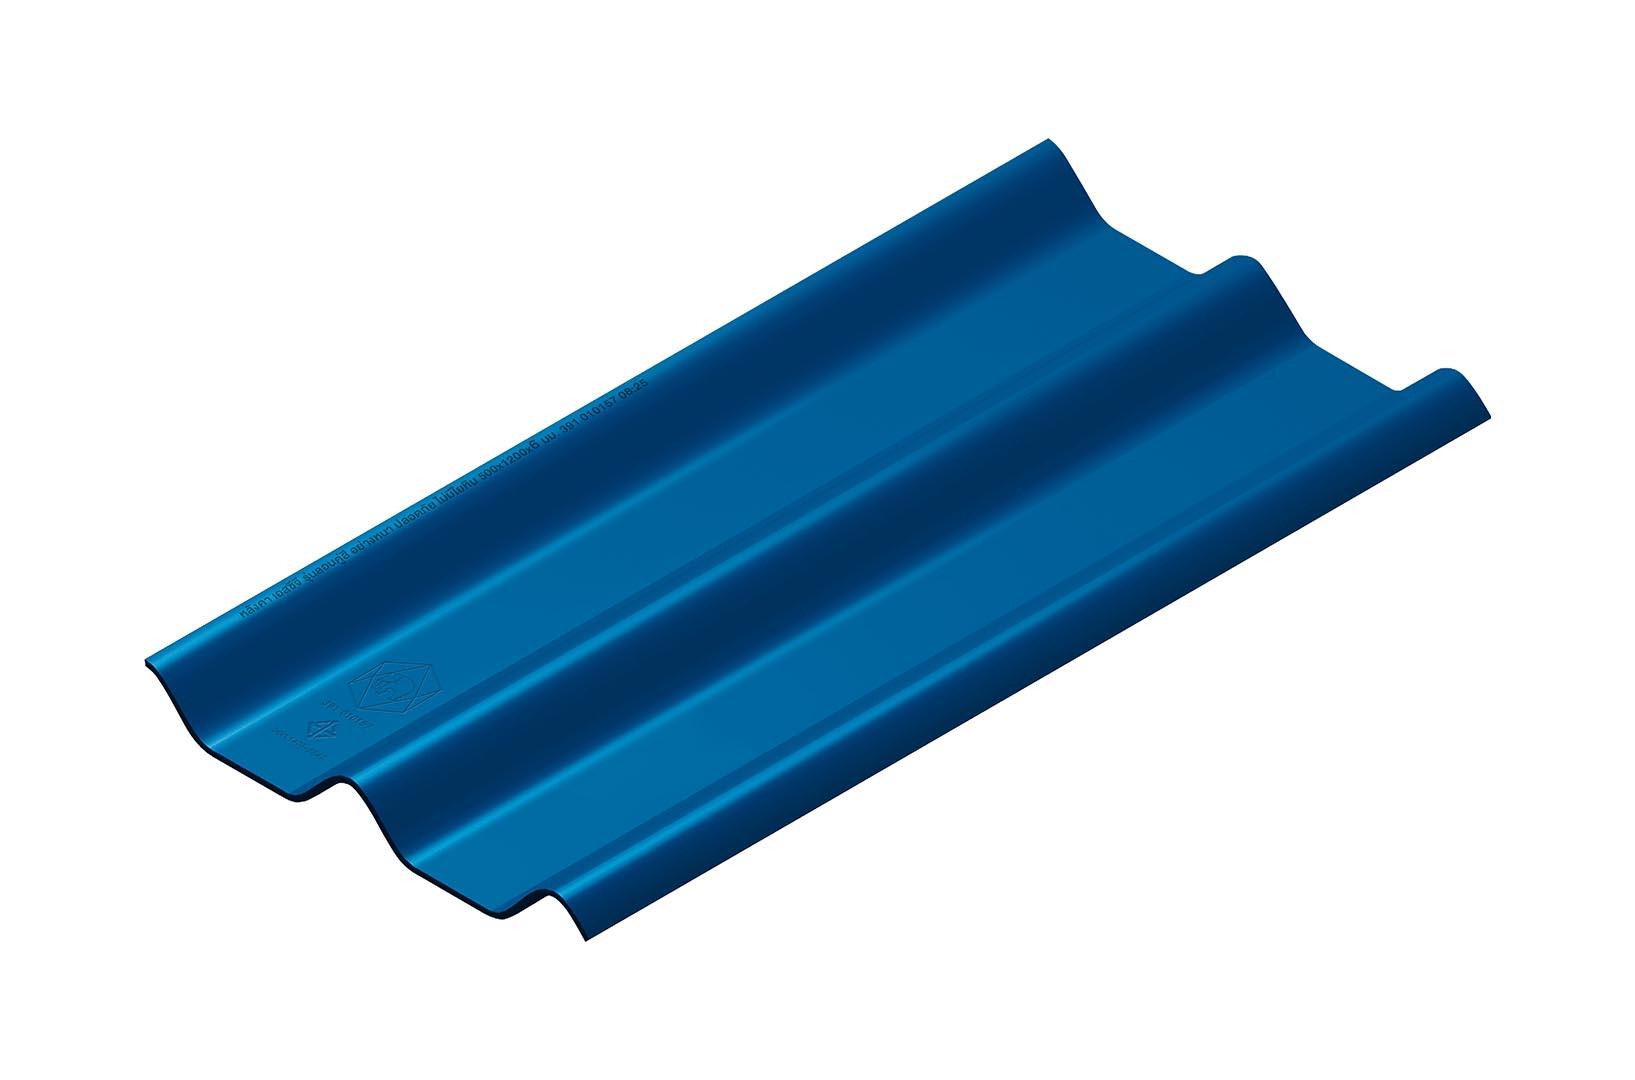 หลังคาไฟเบอร์ซีเมนต์ เอสซีจี รุ่น ลอนคู่ไฮบริด 50x120x0.55 สีน้ำทะเล 1